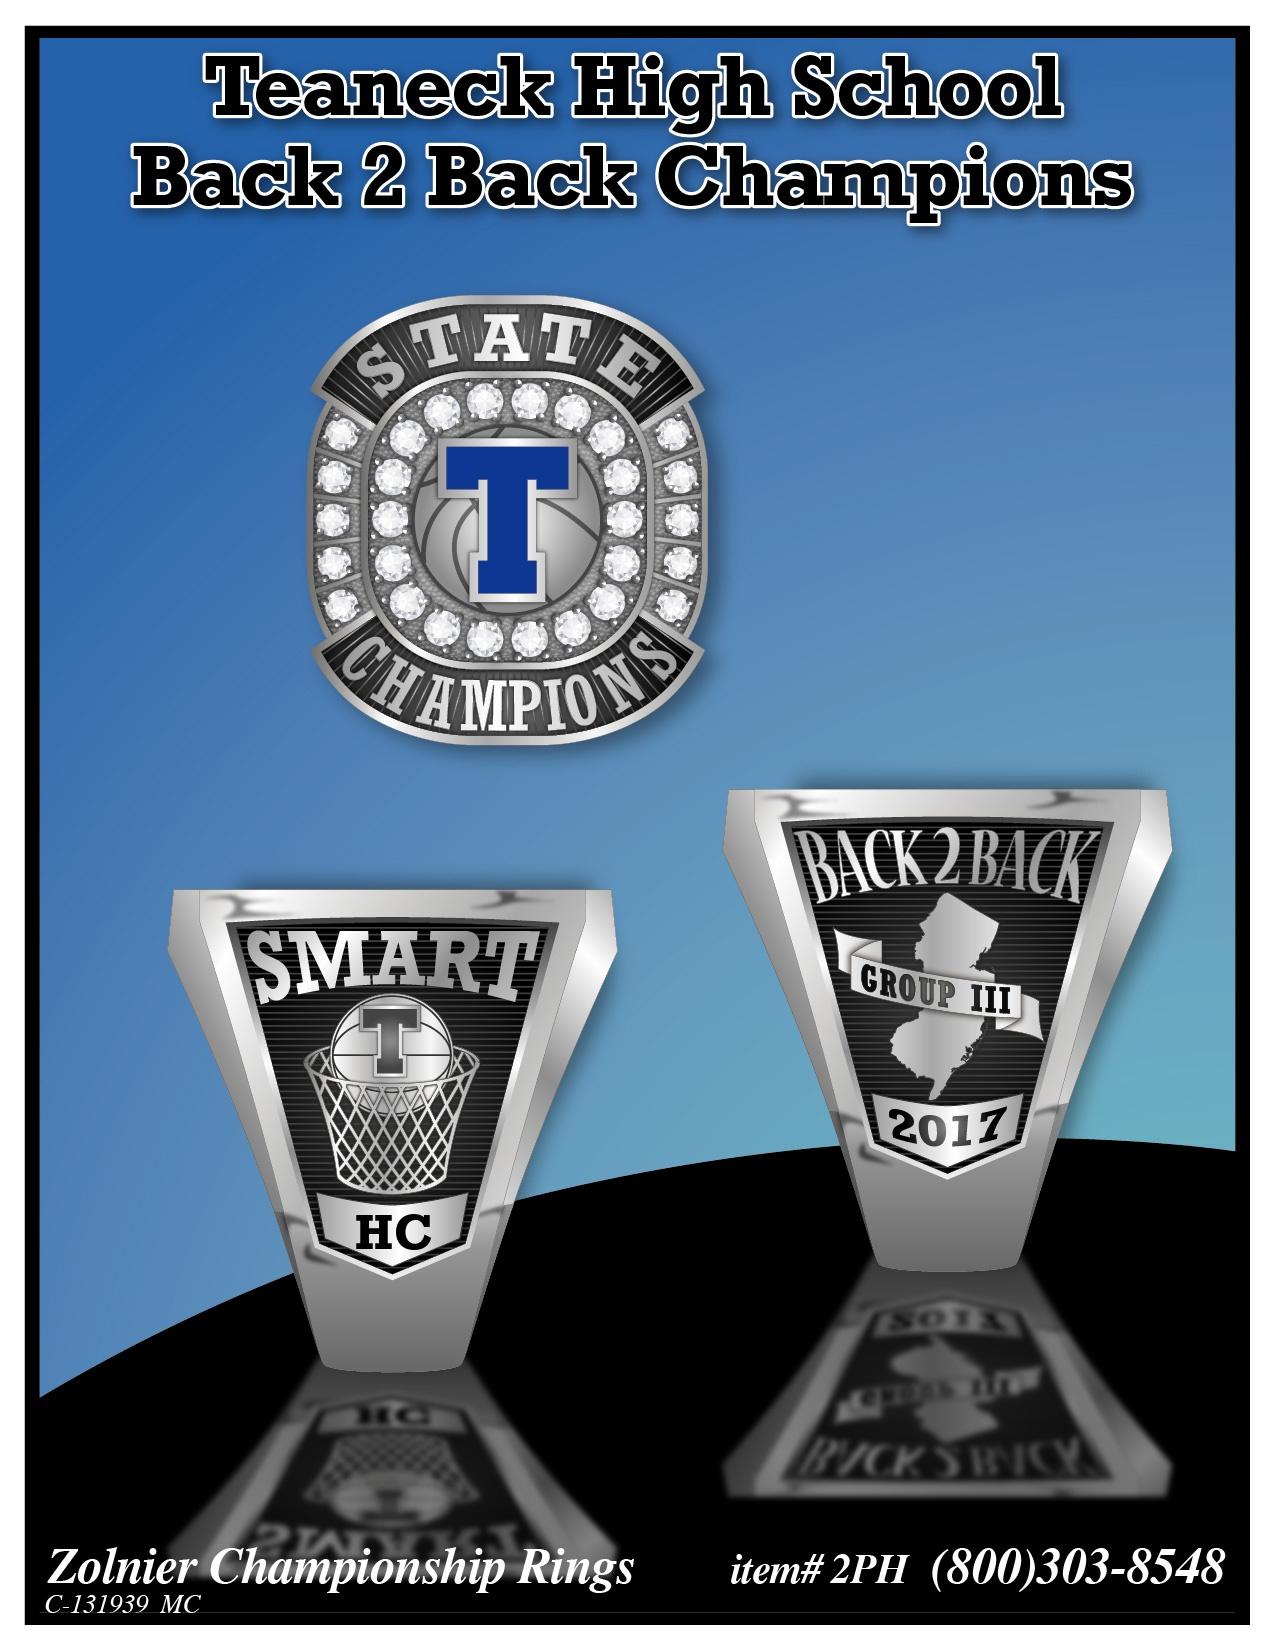 C-131939 Teaneck HS B2B Championship Ring 2